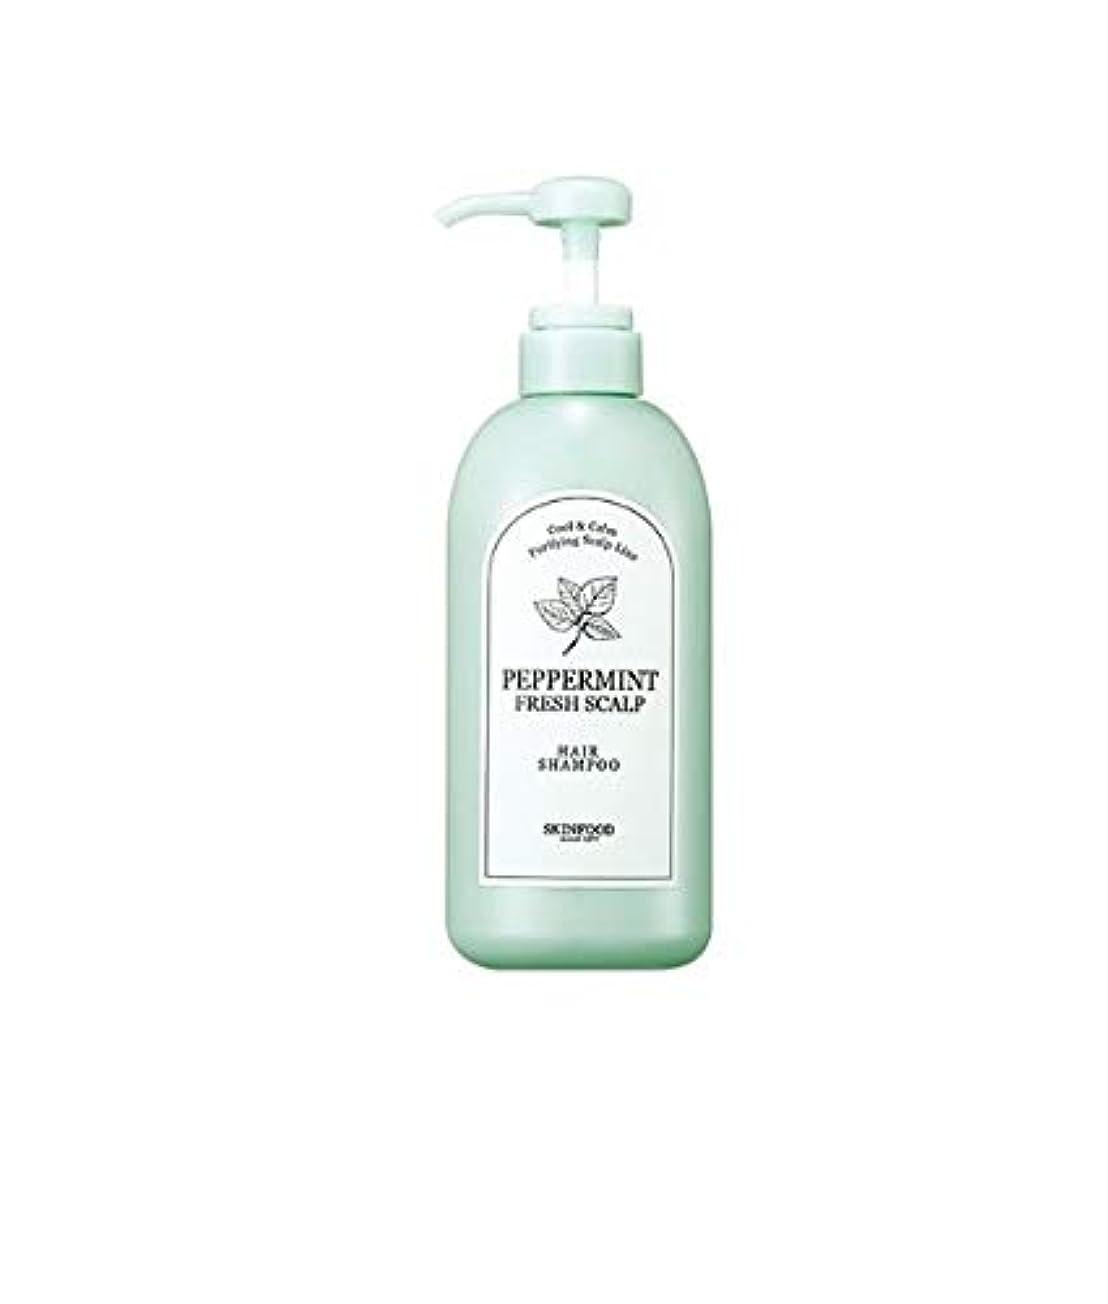 コンピューターを使用する洗練された組Skinfood ペパーミントフレッシュスカルプシャンプー/Peppermint Fresh Scalp Shampoo 500ml [並行輸入品]